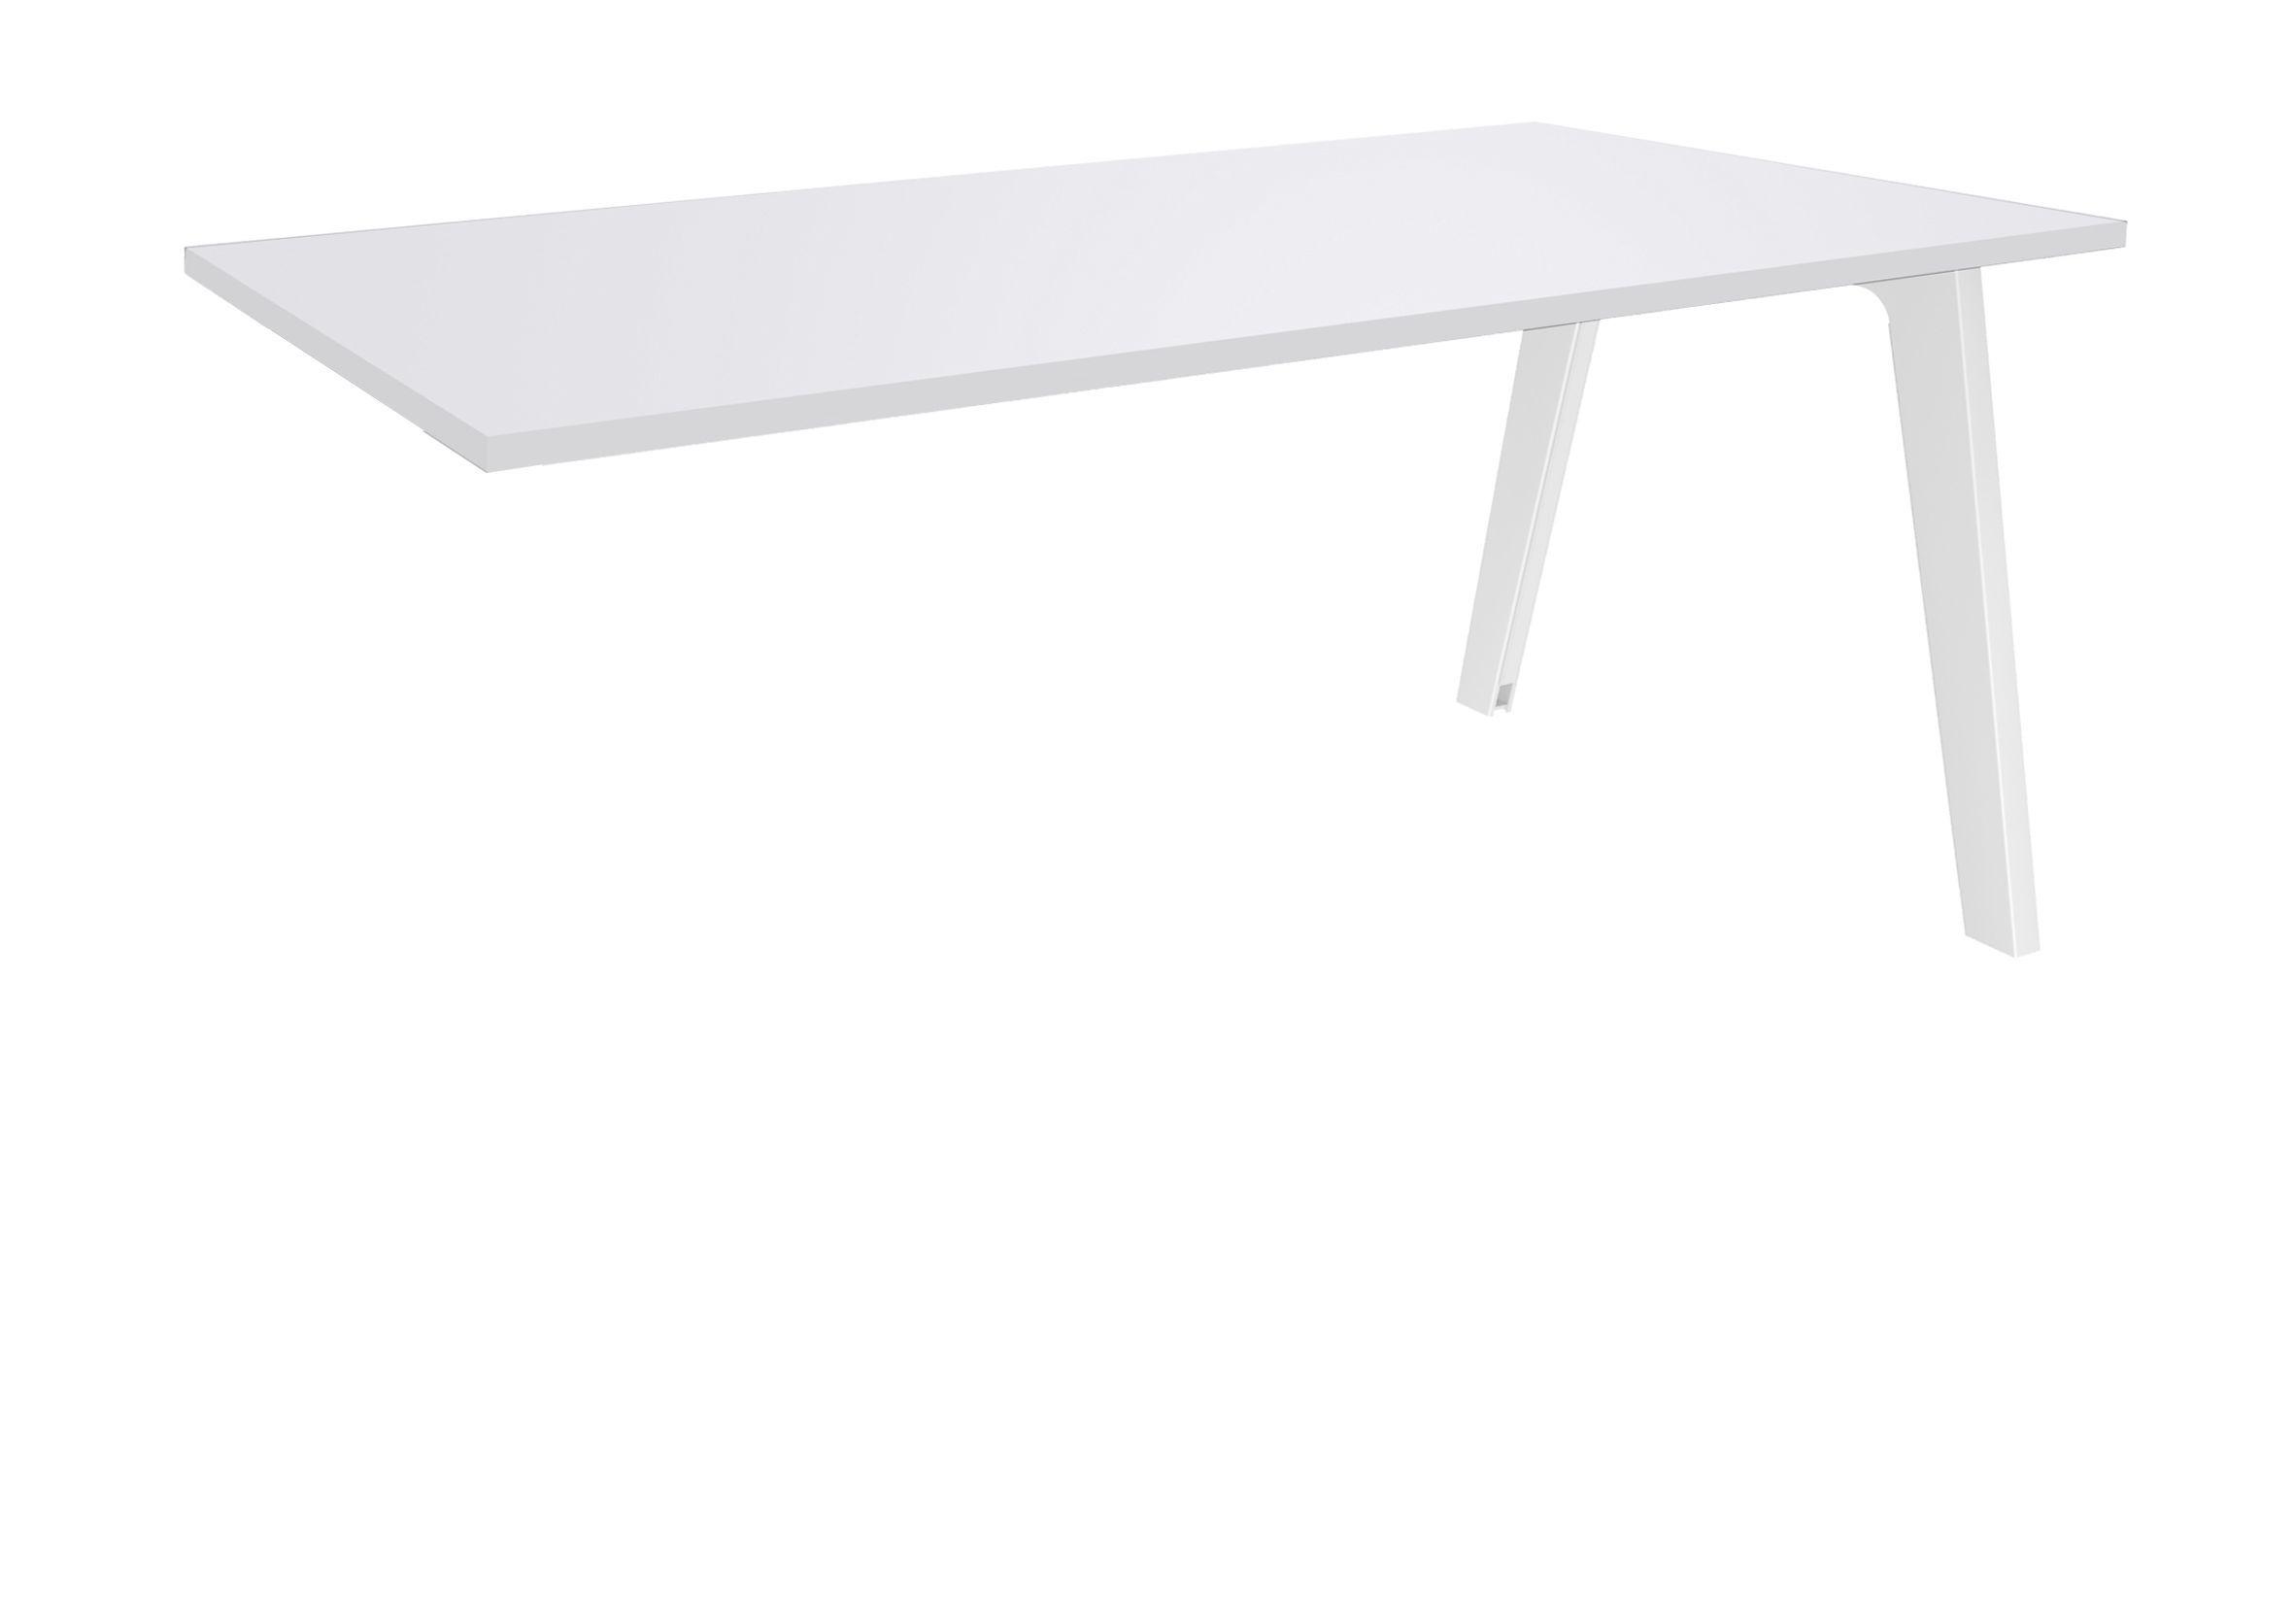 Bureau simple STEELY - L120 cm - Plan suivant - Pieds blanc - plateau Blanc Perle